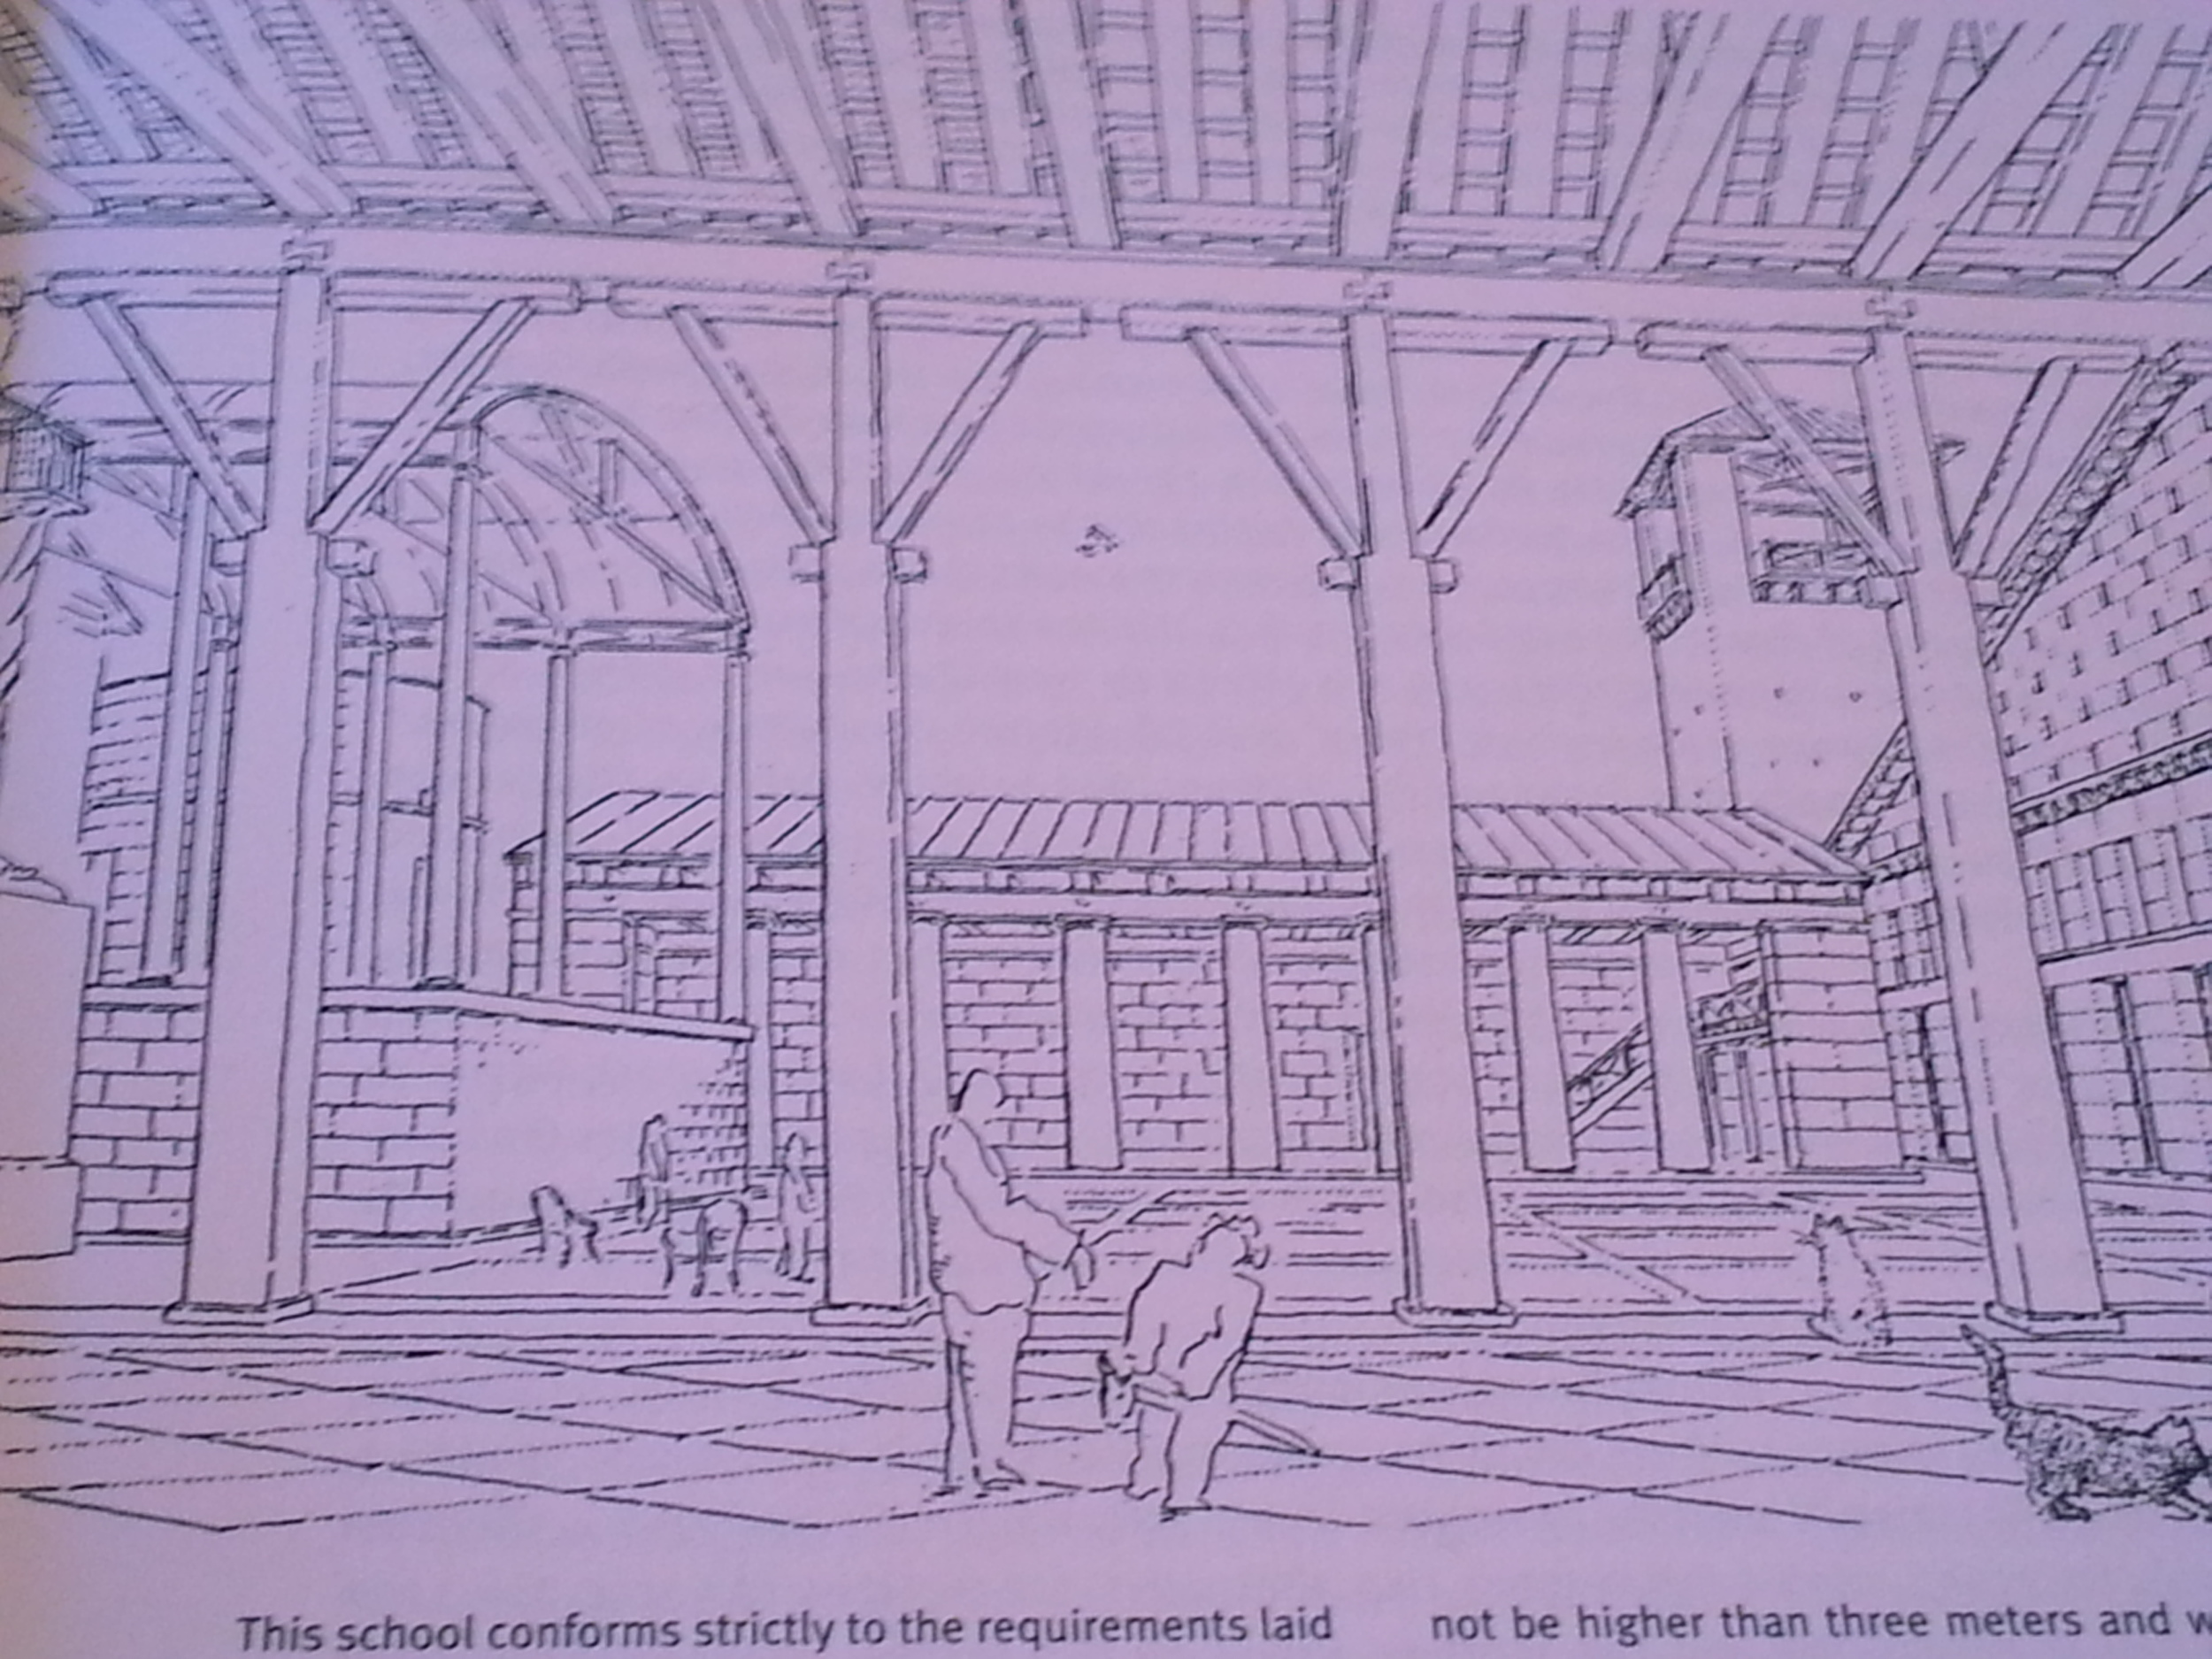 Leon Krier, Sketch of the School at Quentin-en-Yvelines, 1977-1979